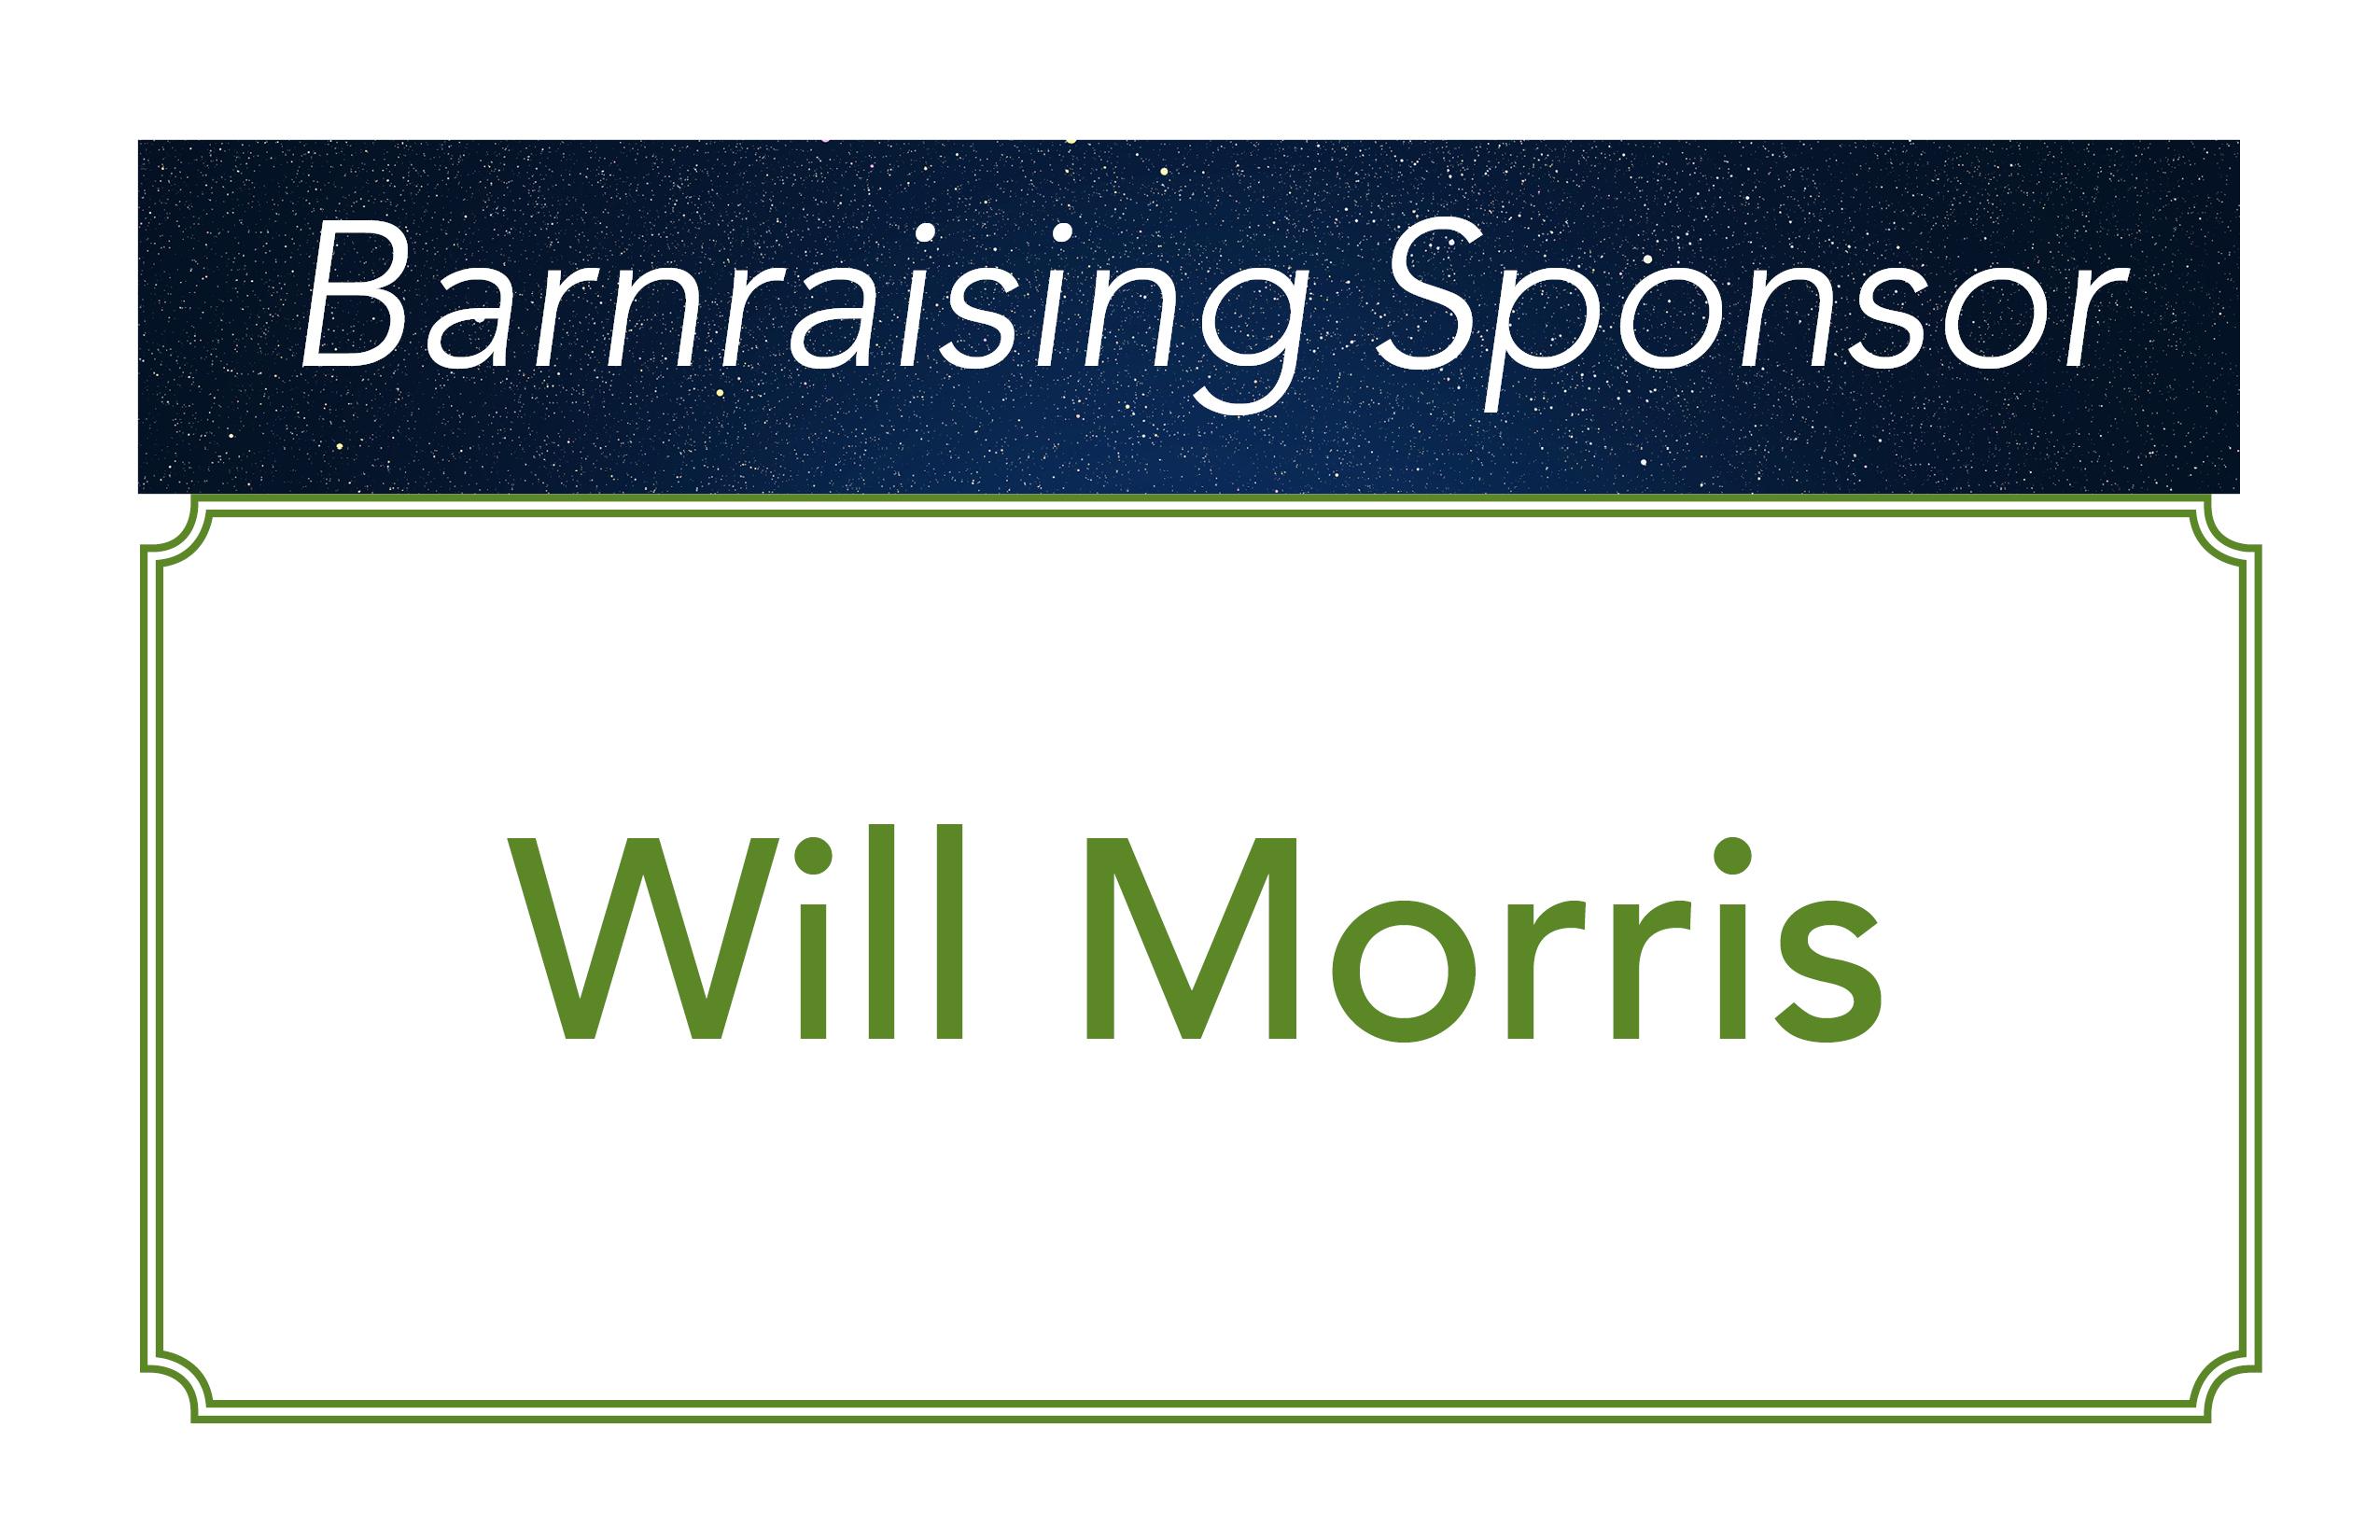 Will Morris, Barnraising Sponsor